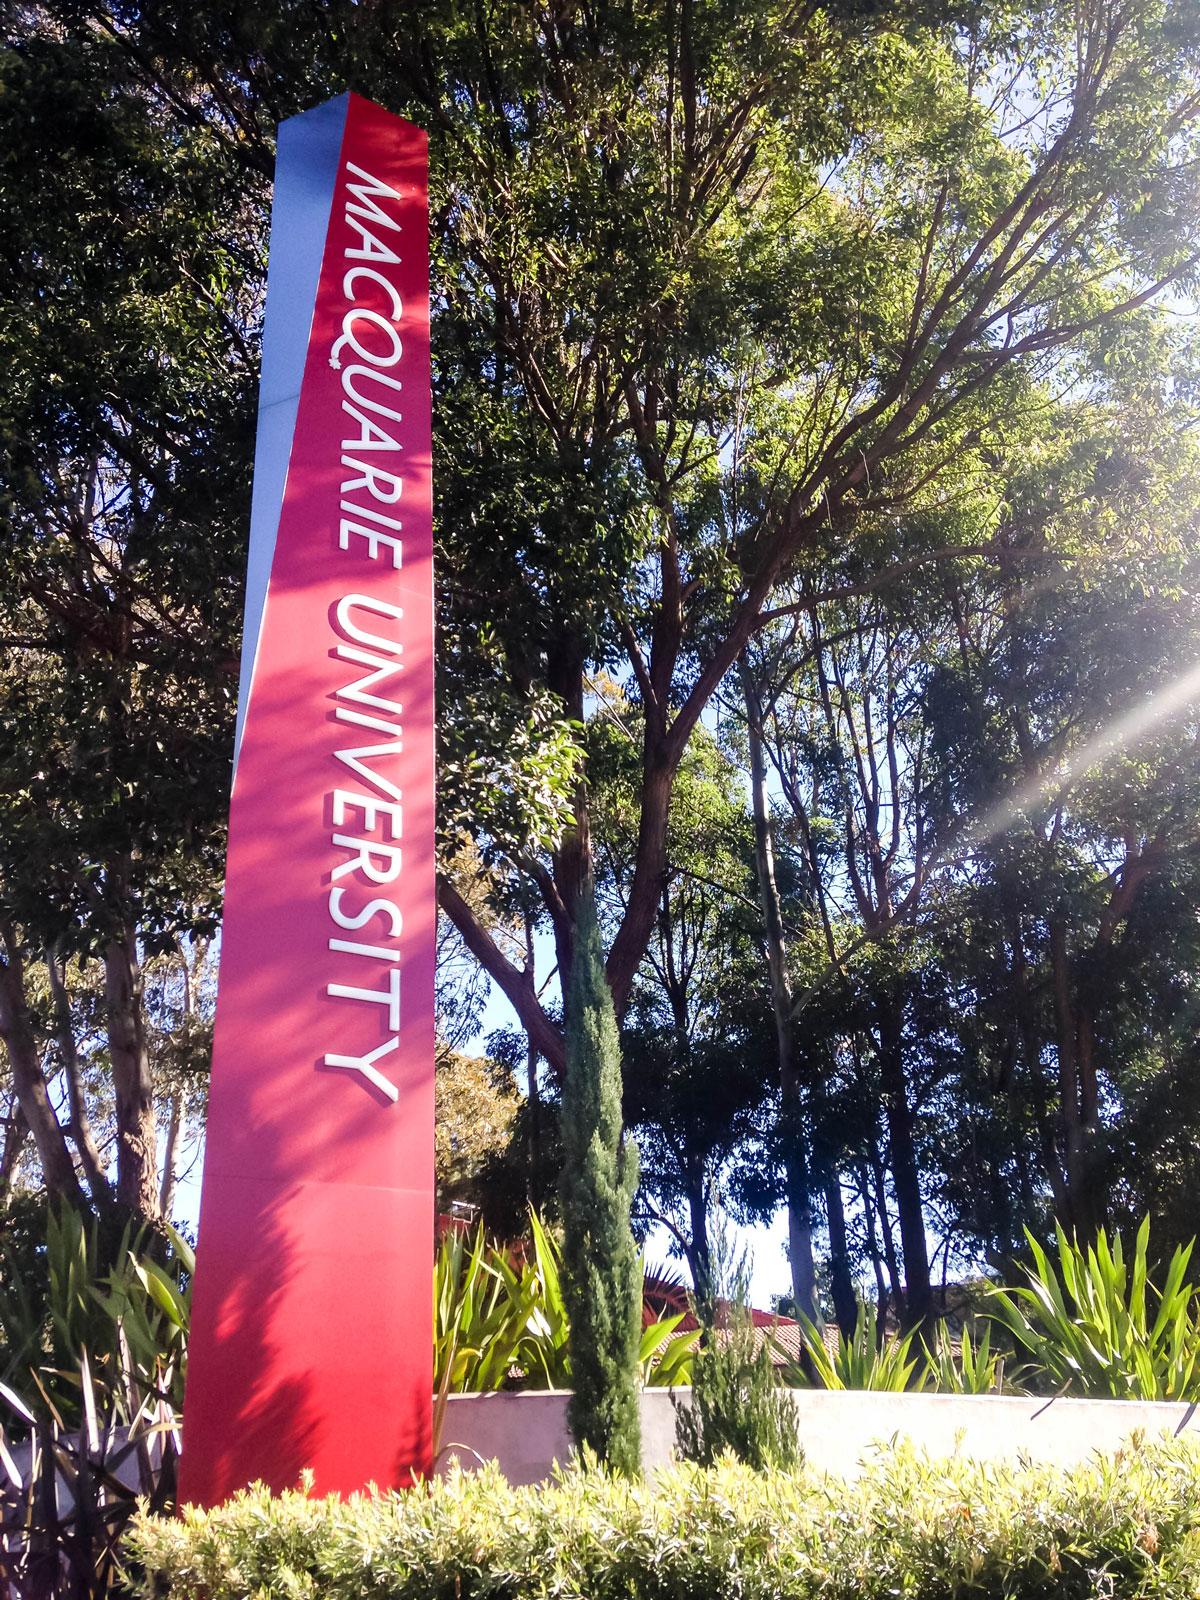 Die Macquarie Universität in Sydney legt vor allem Wert auf eine bunte Gemeinschaft.